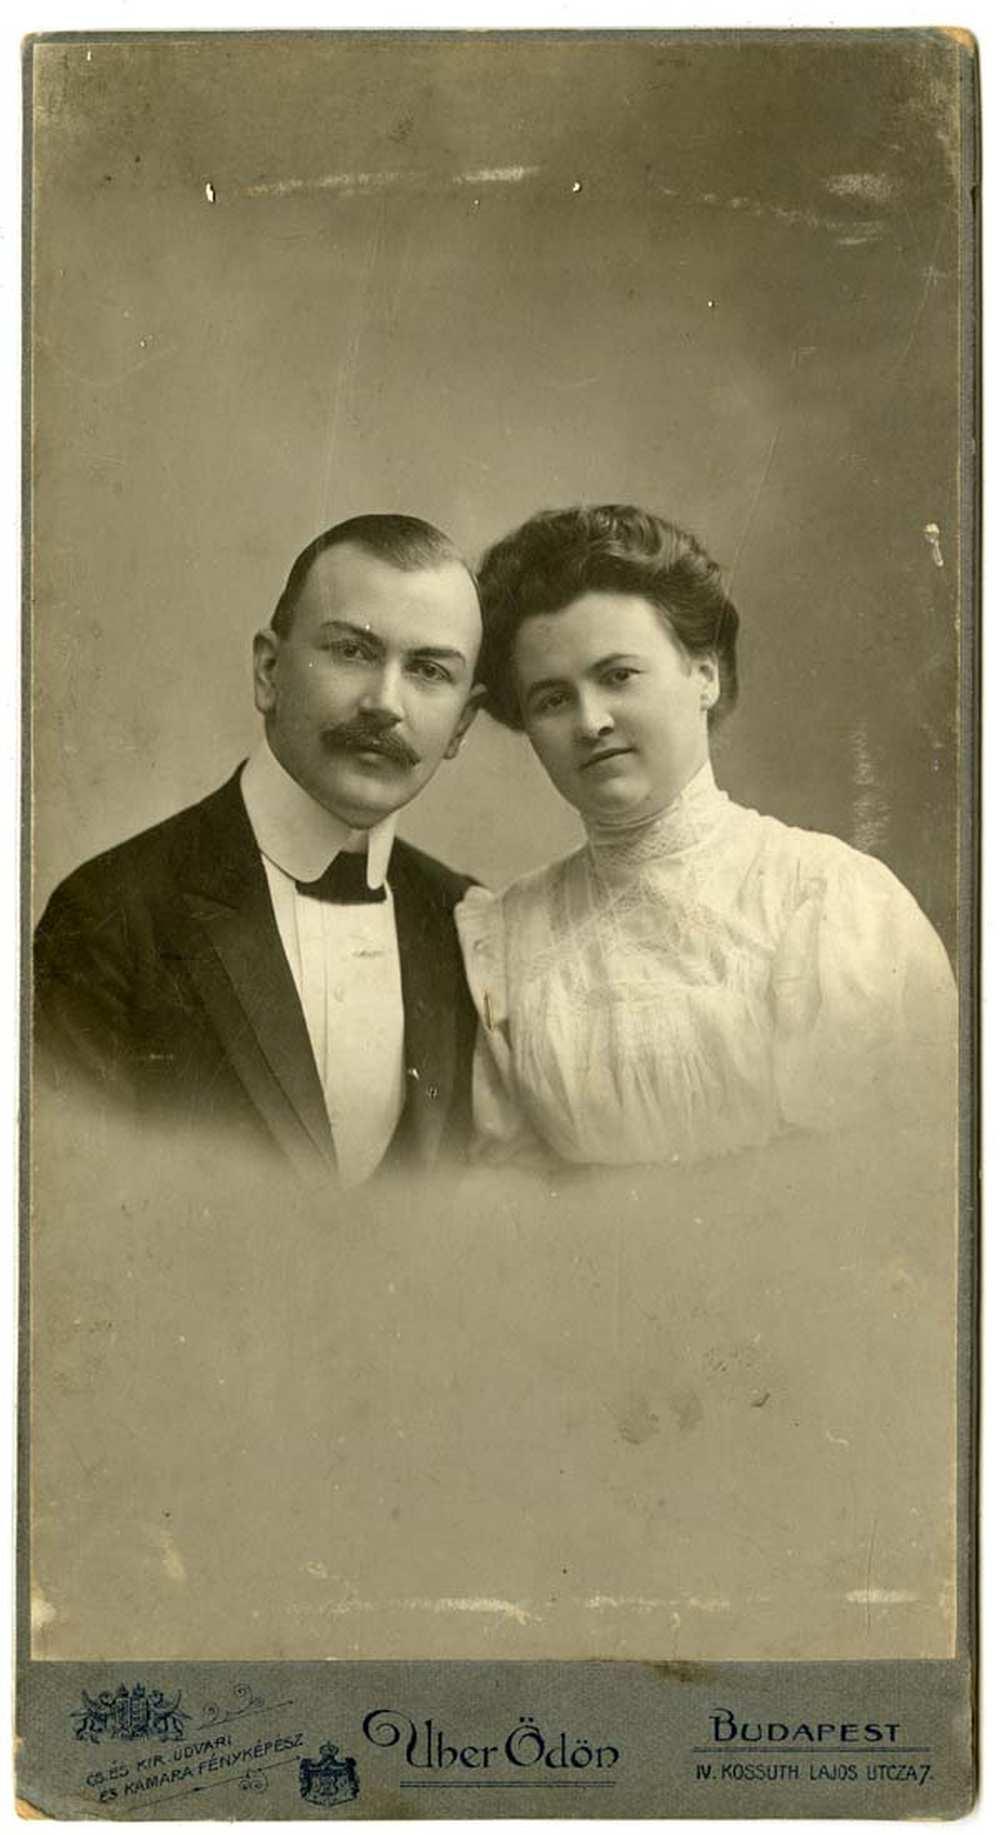 Ismeretlen férfi és nő páros portréja, 1890 és 1931 között. Jelzet: FTB 119. – Történeti Fénykép- és Videótár